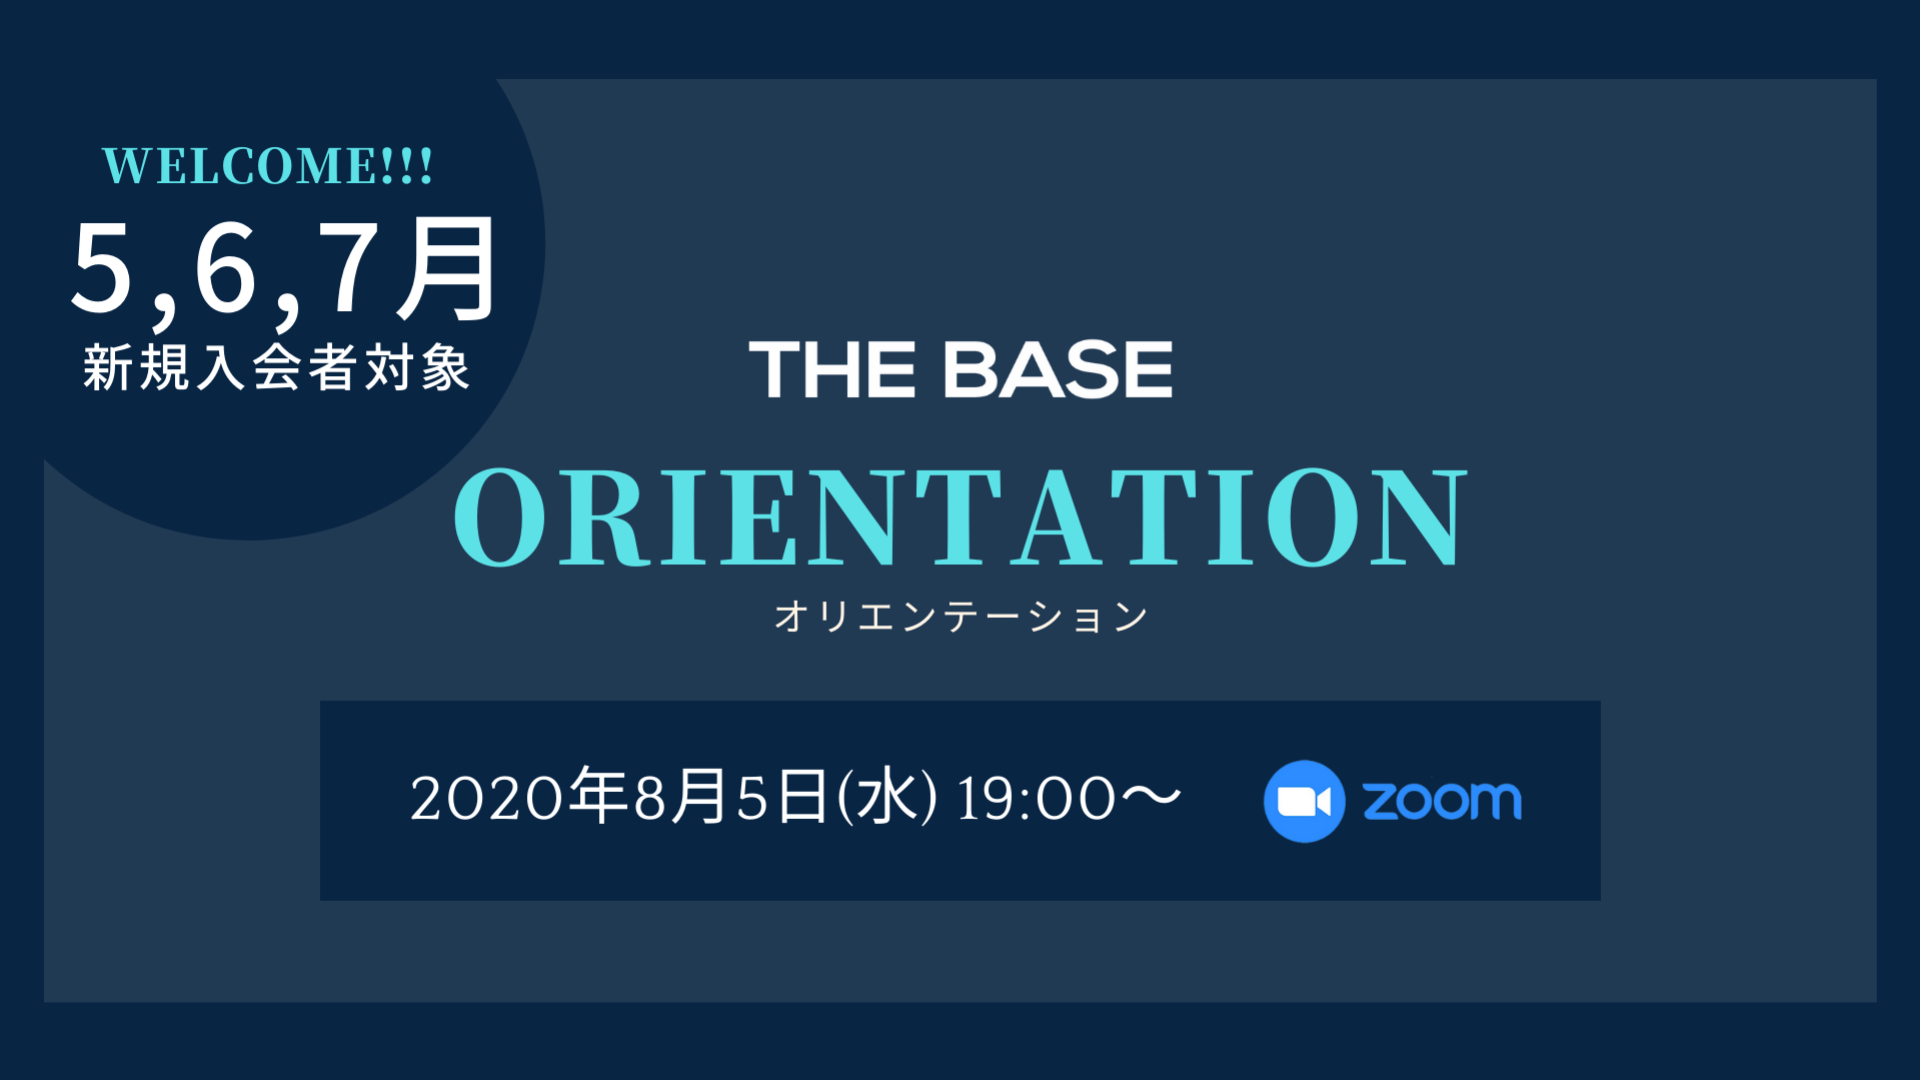 【新規入会者 オリエン企画開催!】